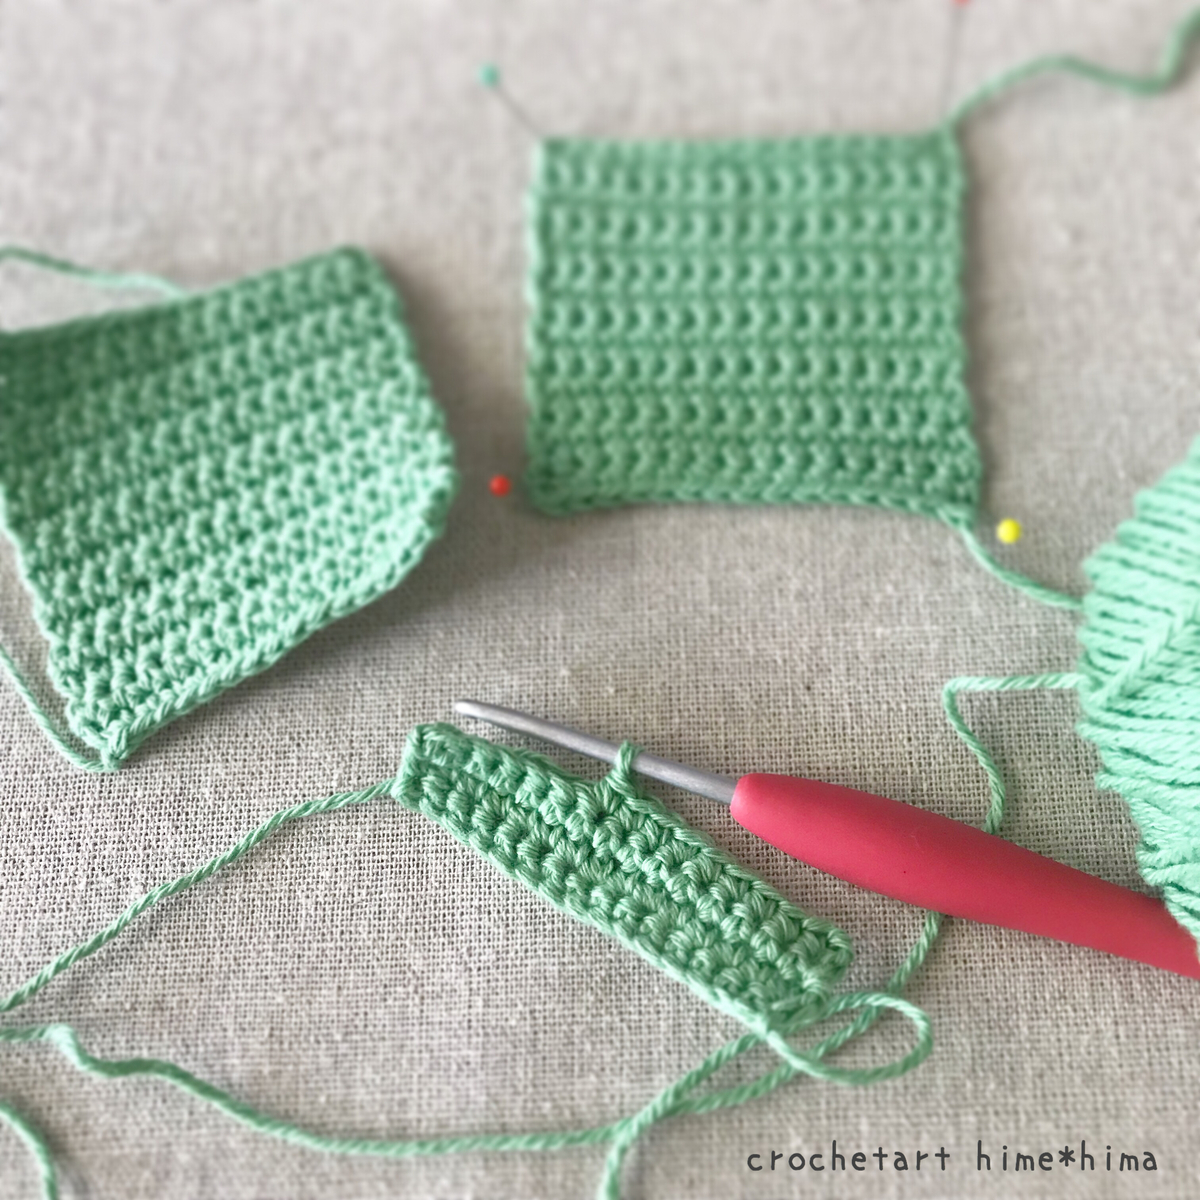 ハマナカのPaume(ポーム)オーガニックコットン100%で細編みの正方形